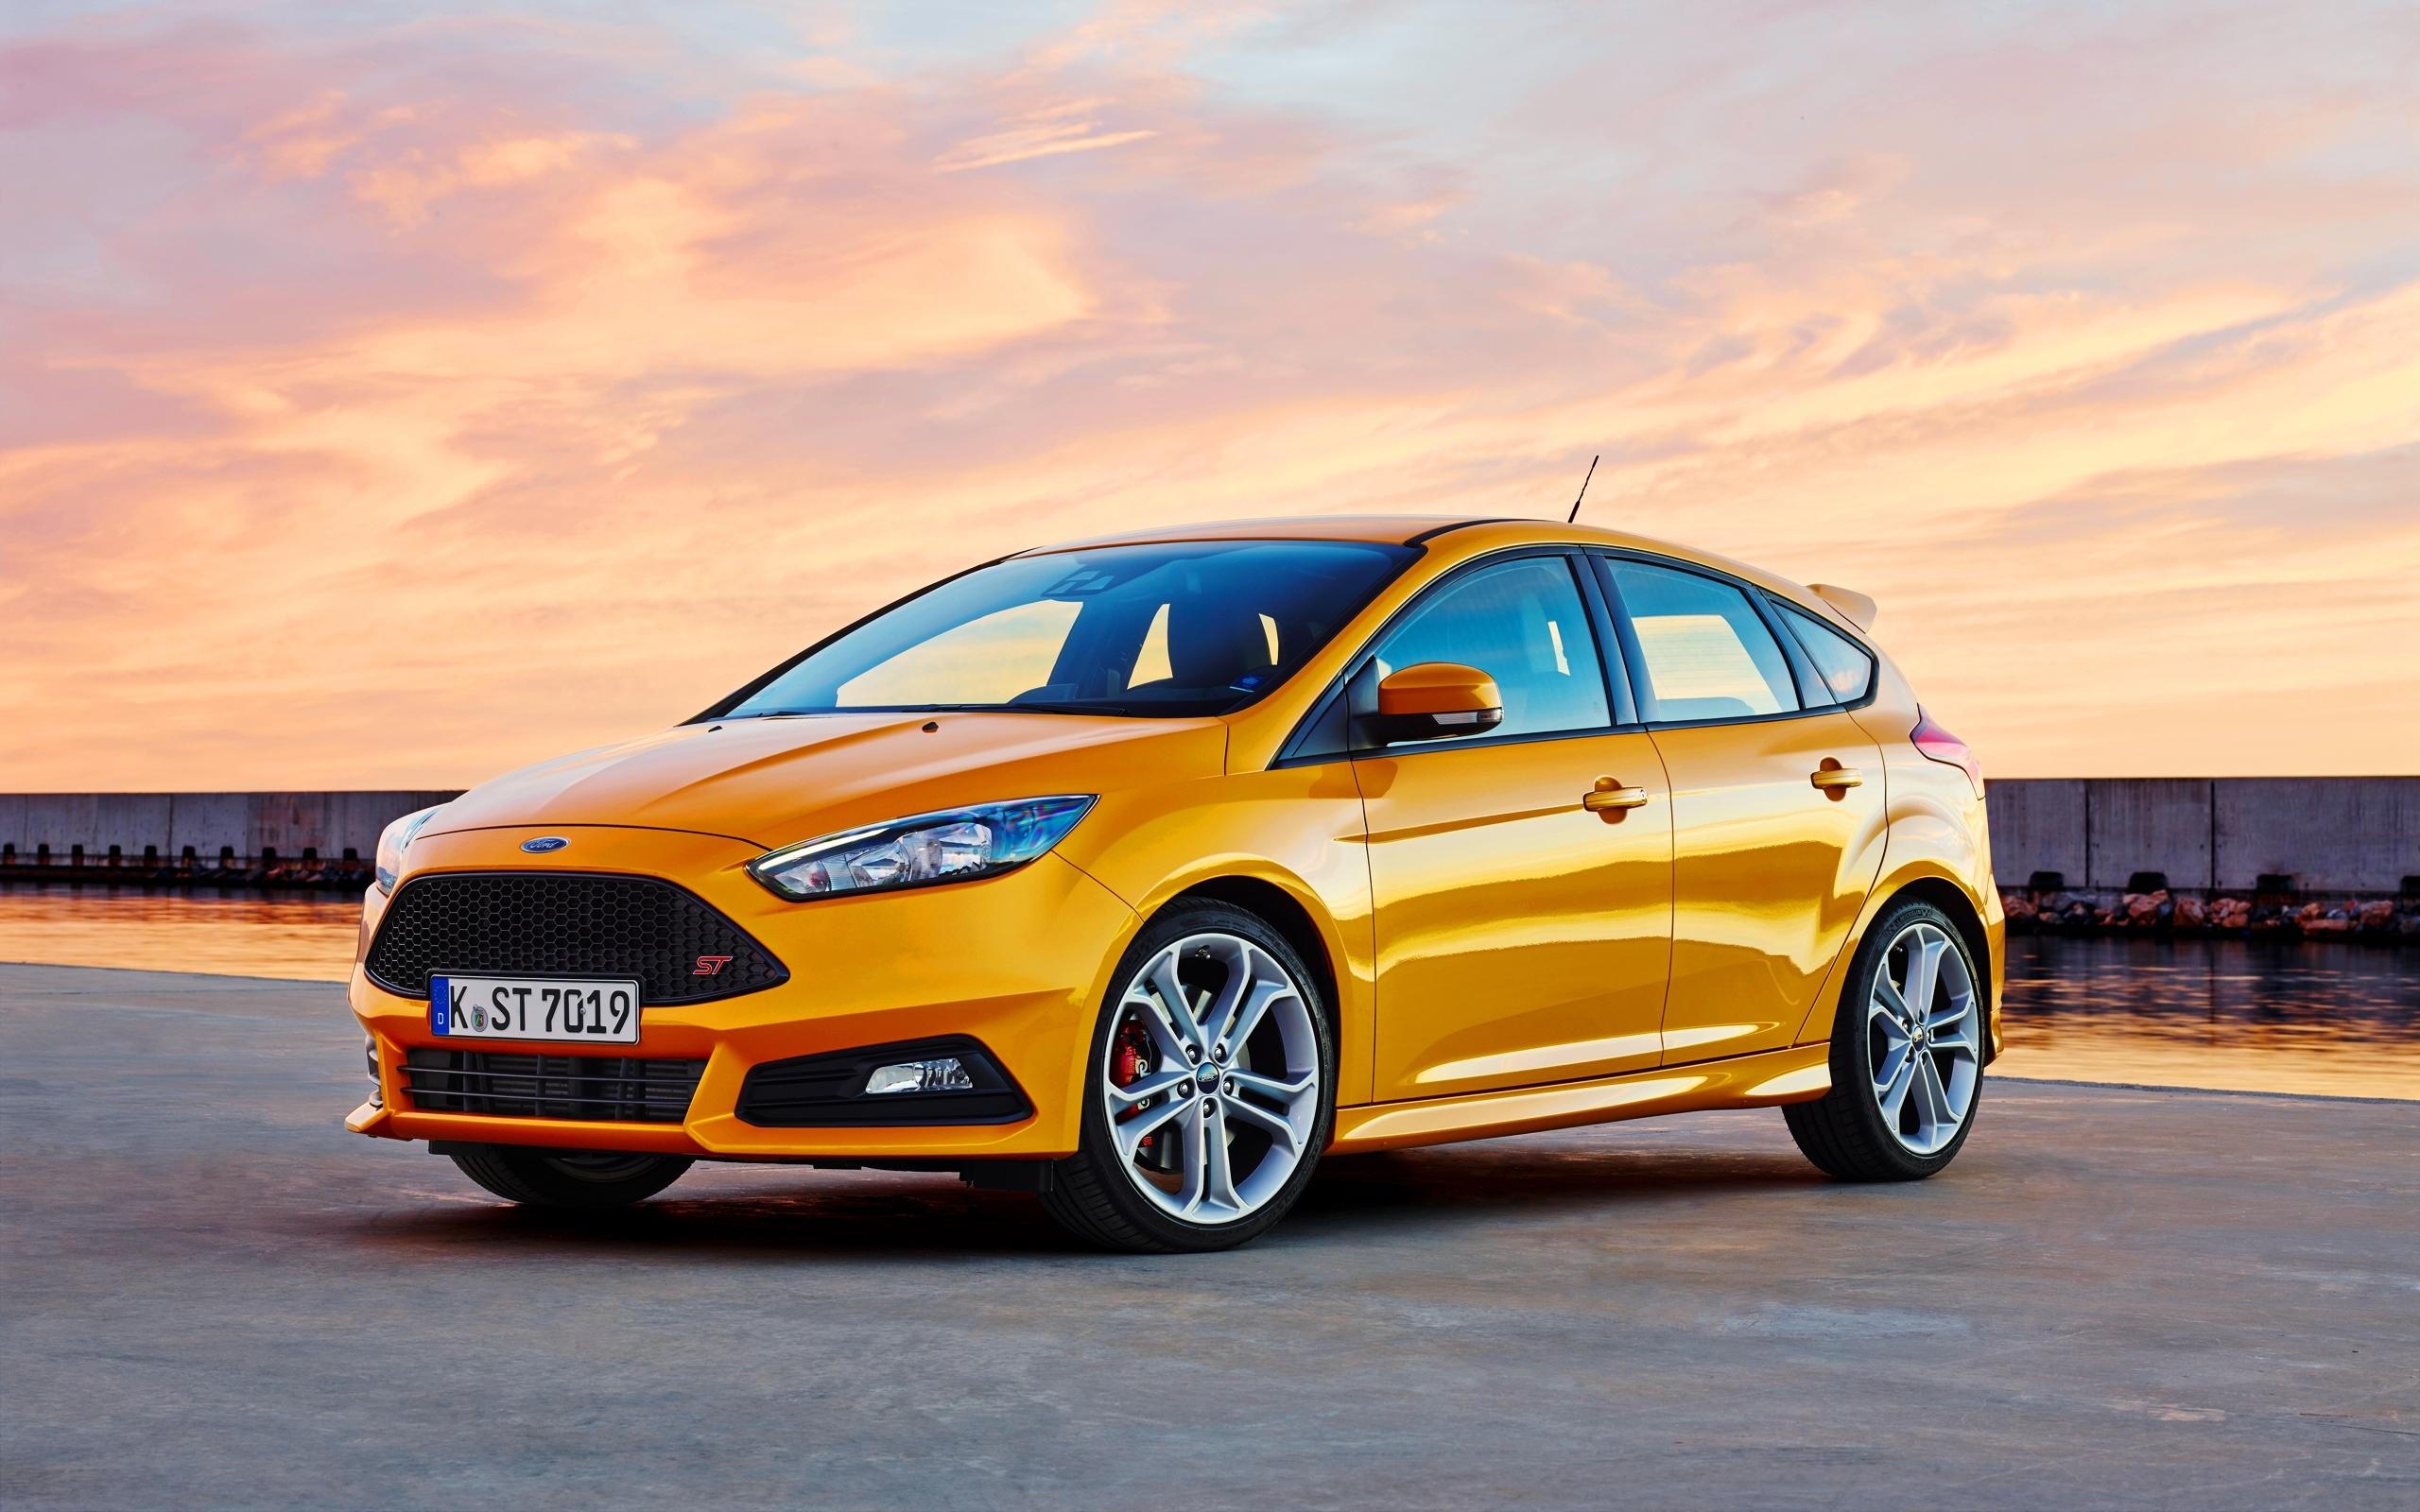 Ford Fiesta Fond Décran Hd Arrière Plan 2560x1600 Id750039